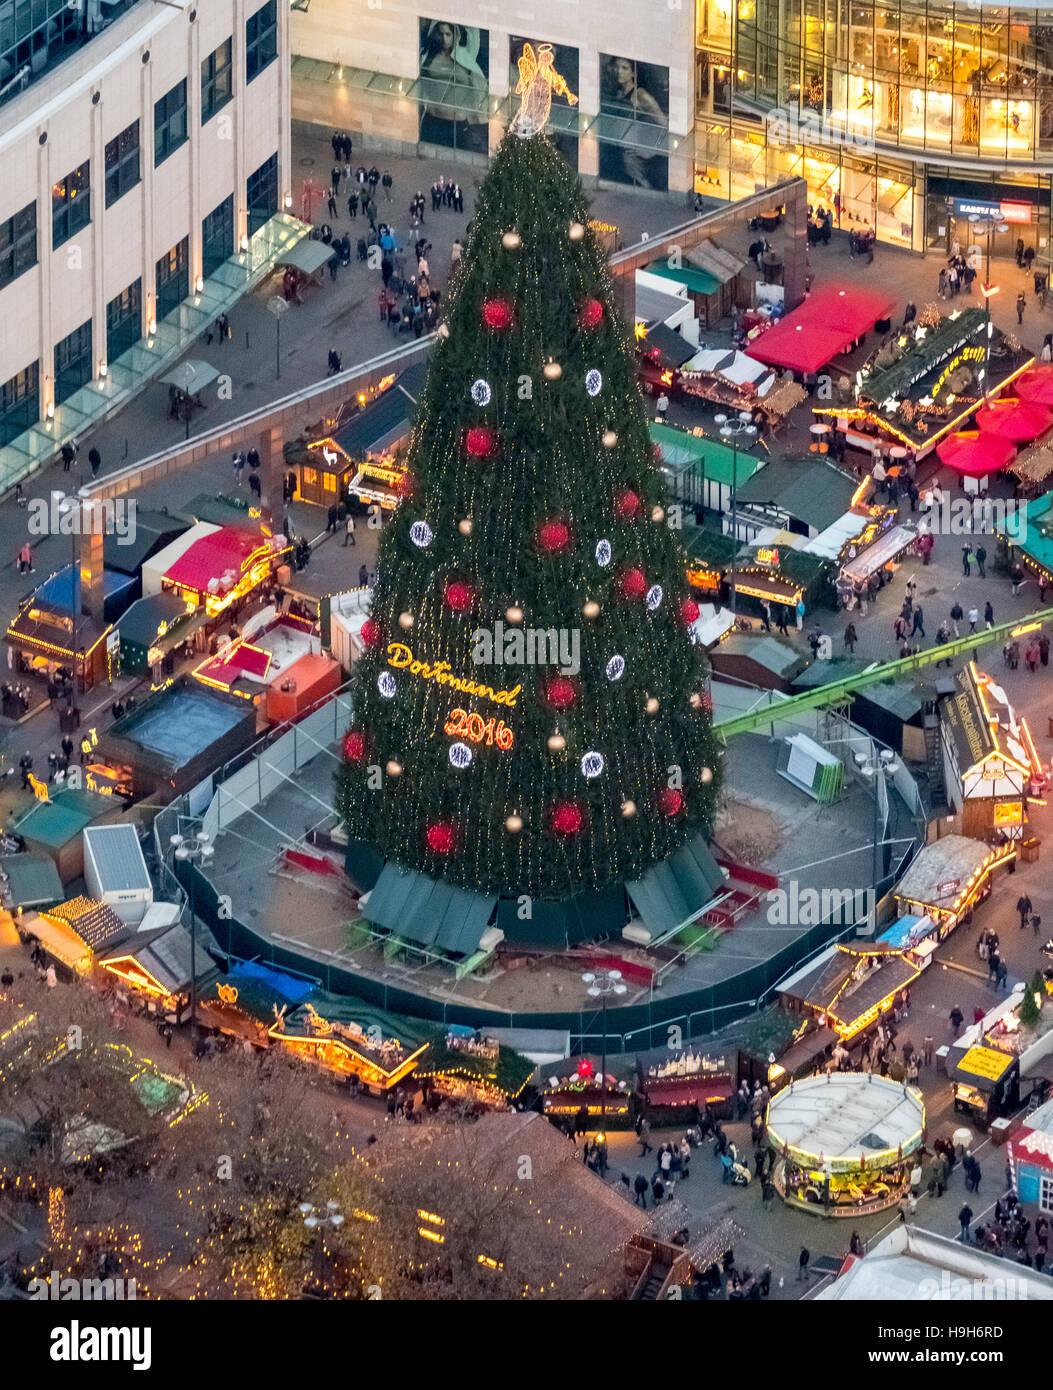 Dortmund Weihnachtsbaum Kaufen.Dortmund Deutschland 23 November 2016 Luftaufnahme Der Größte